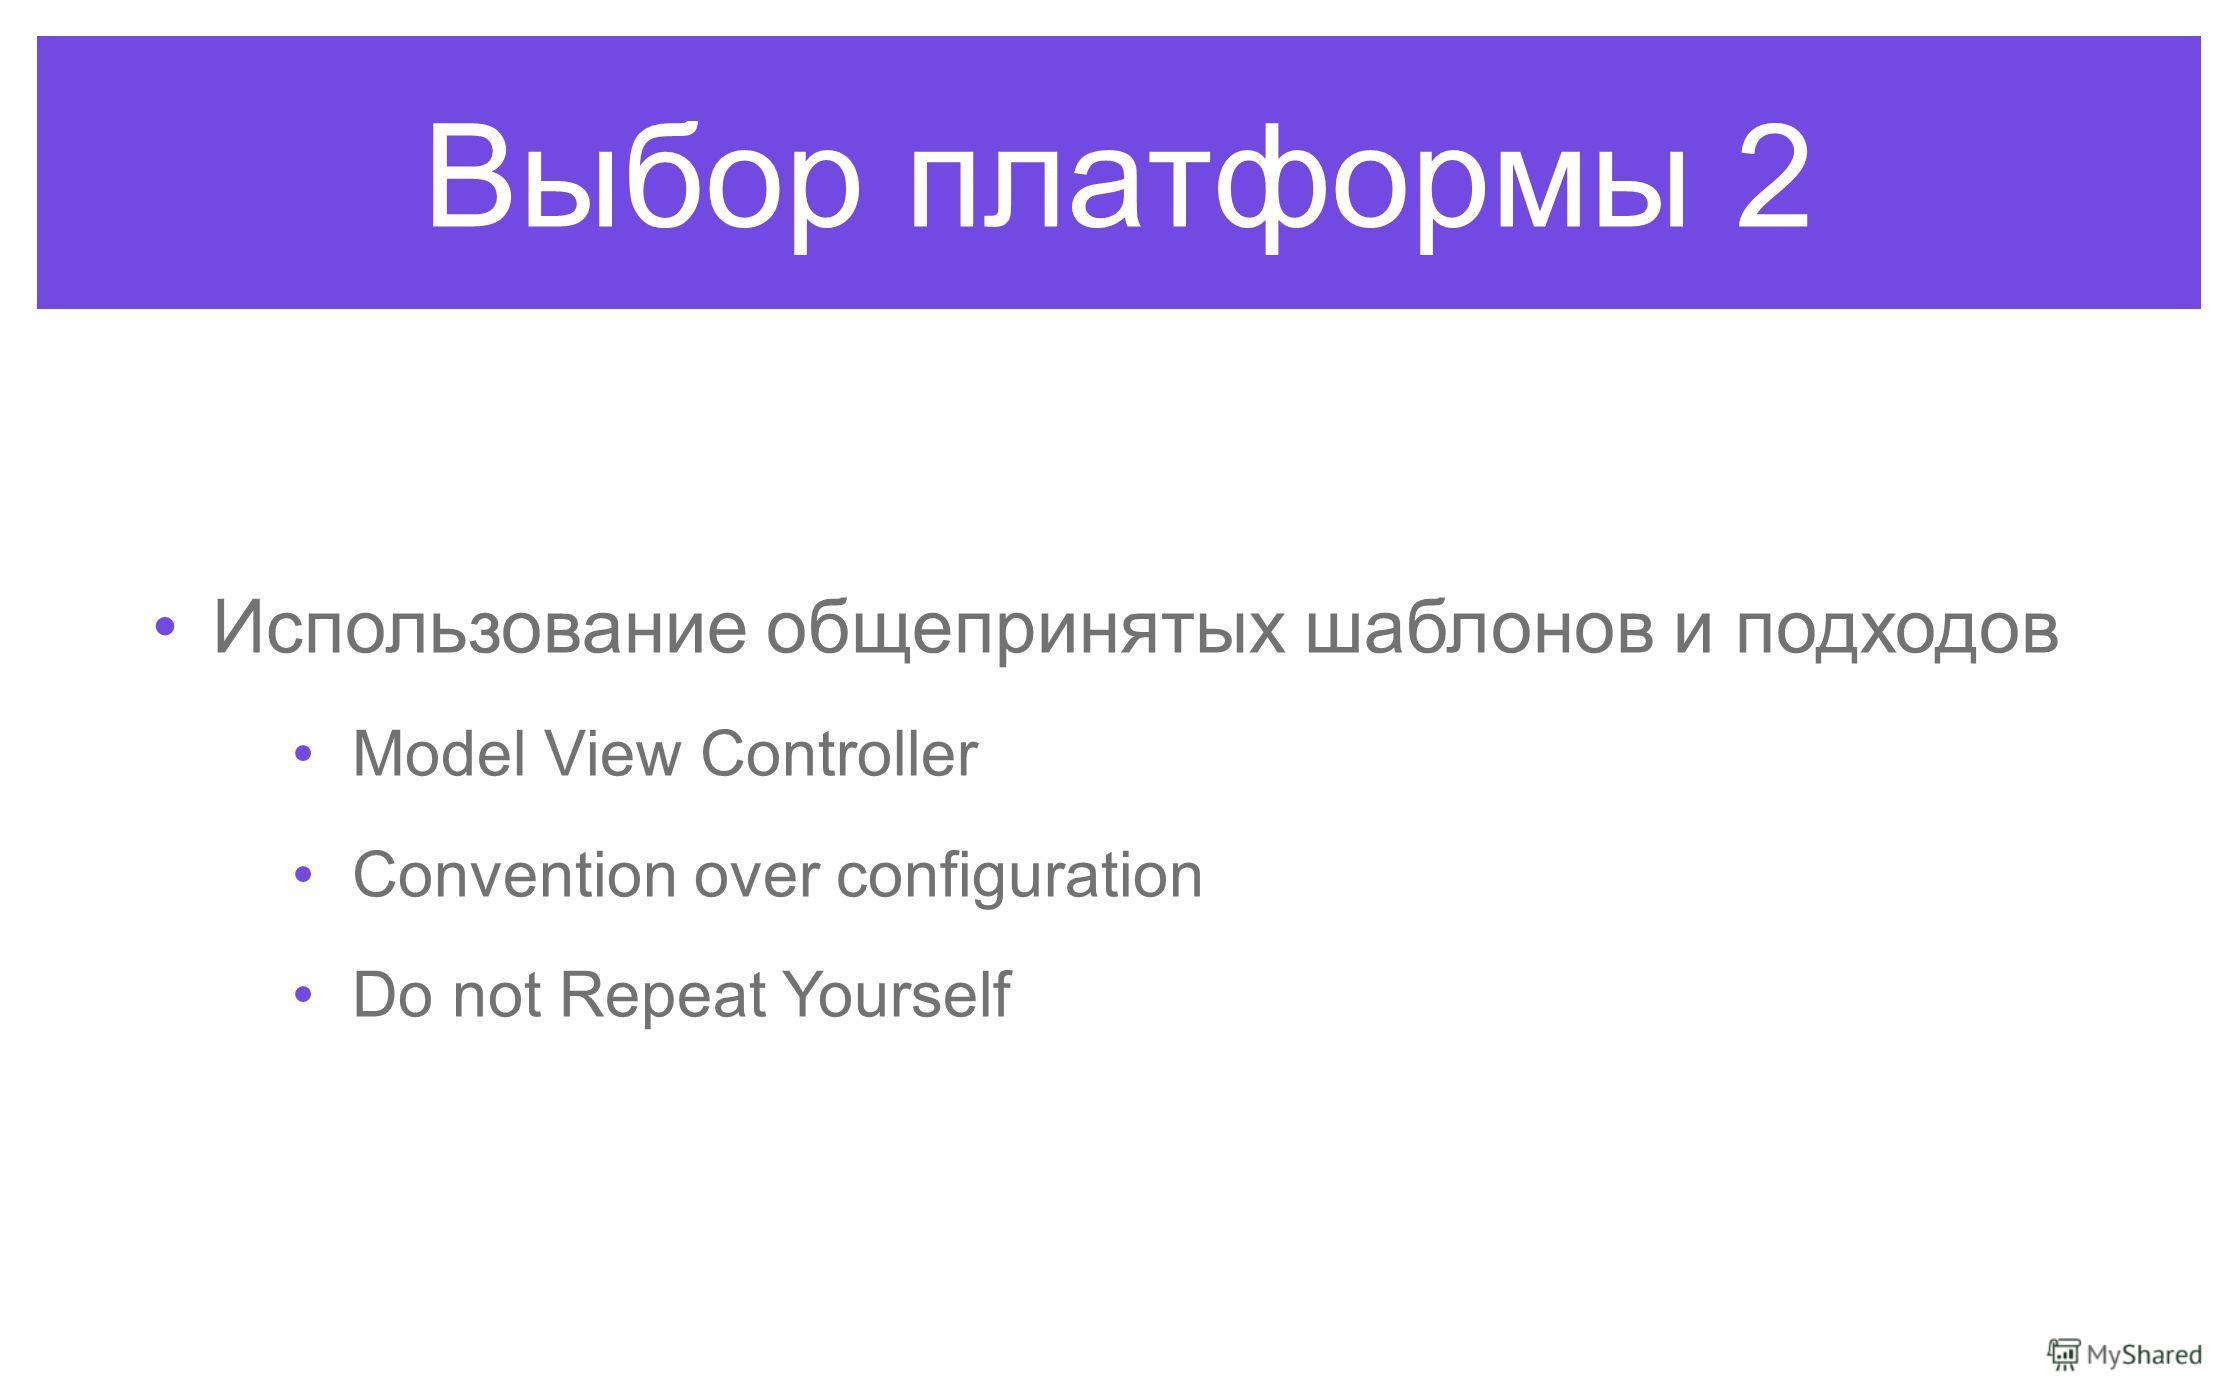 Выбор платформы 2 Использование общепринятых шаблонов и подходов Model View Controller Convention over configuration Do not Repeat Yourself